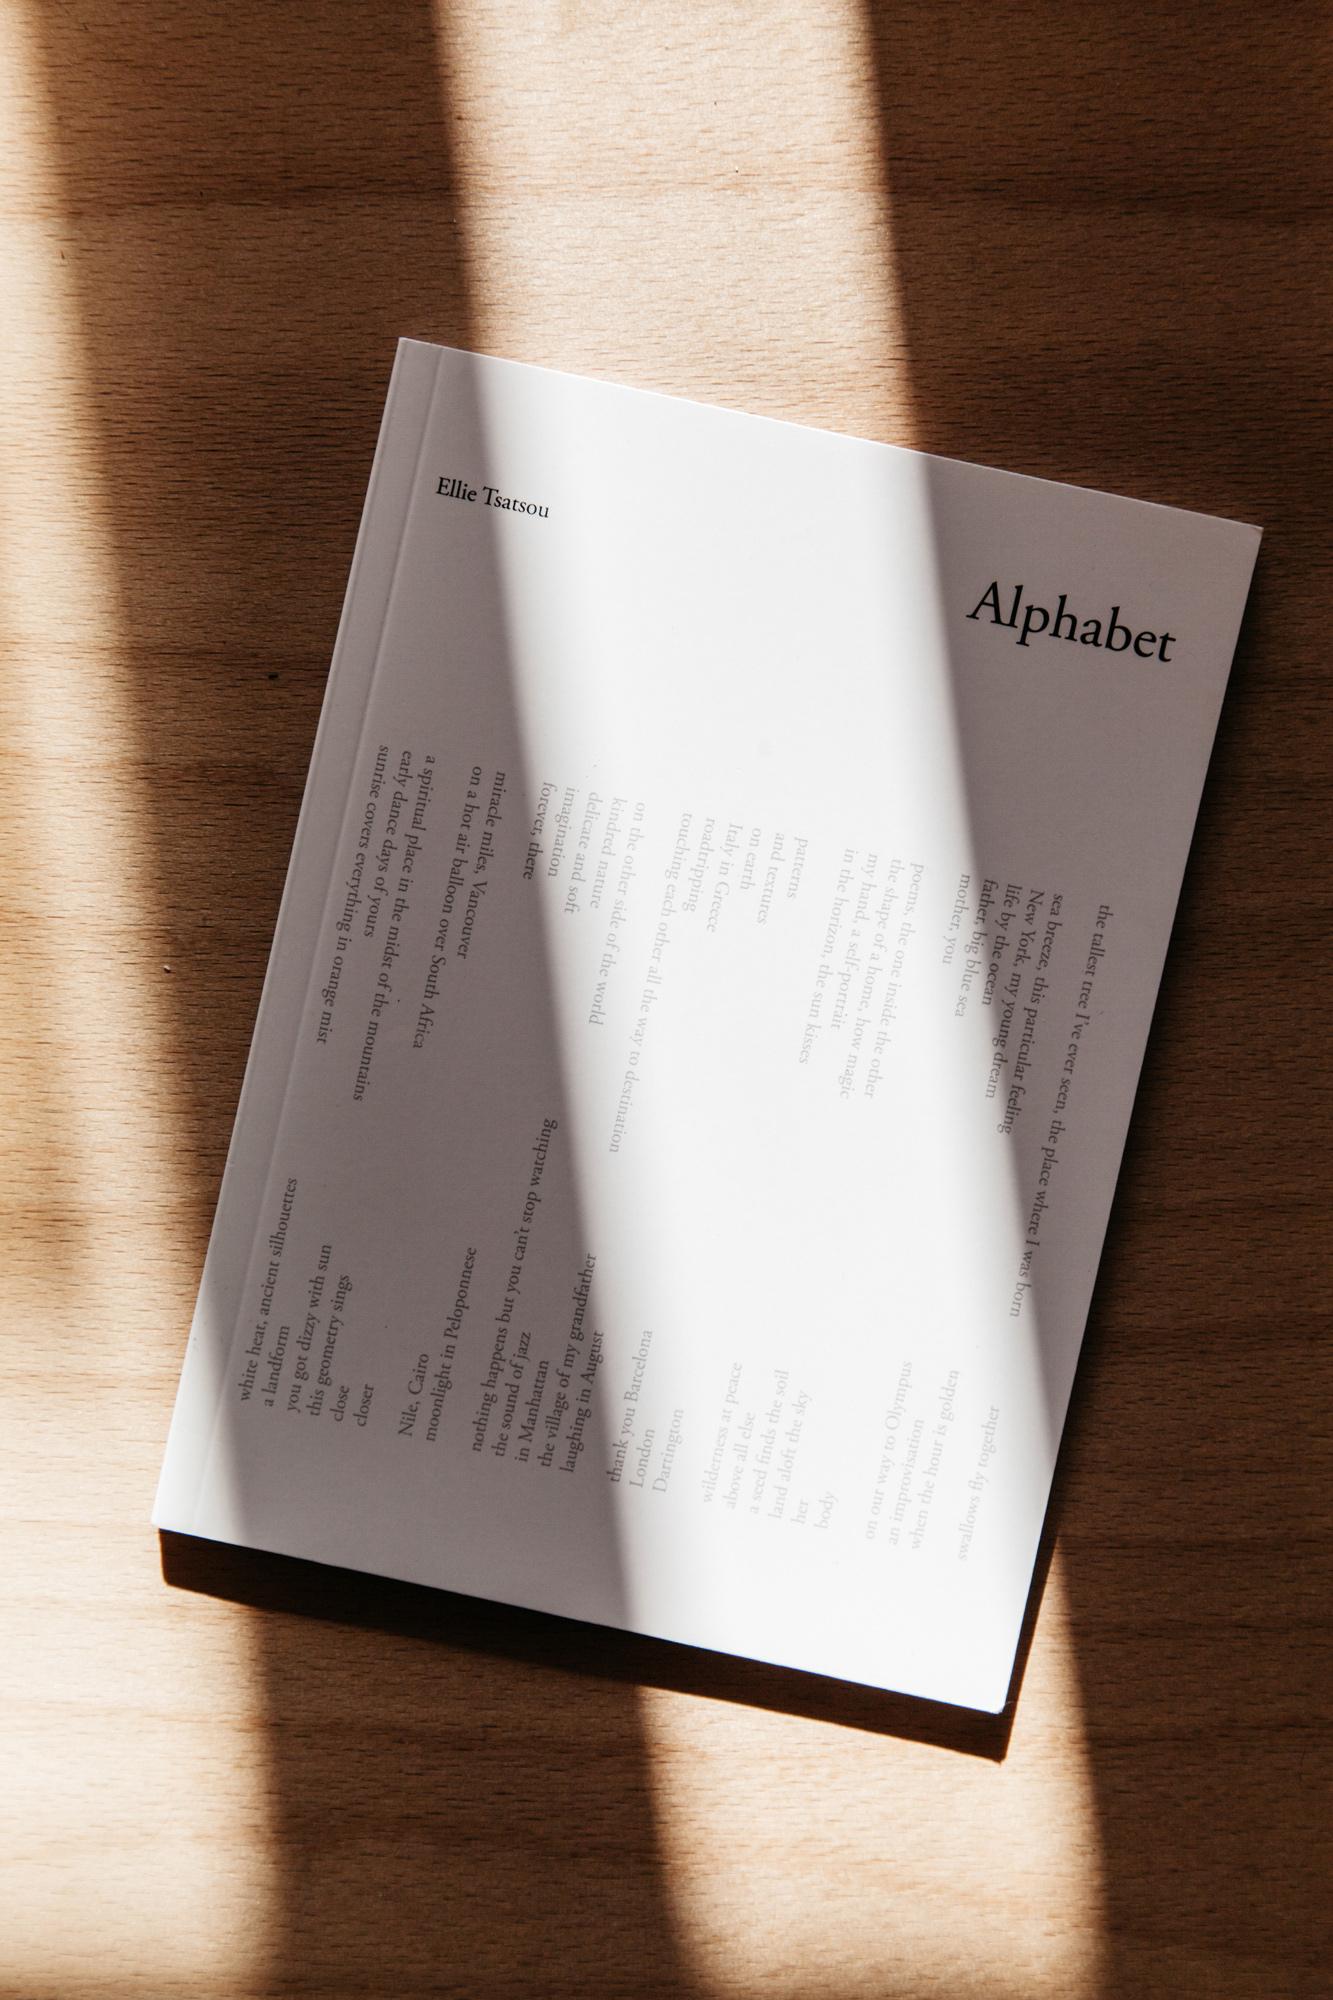 AlphabetBook_EllieTsatsou_HR_001.jpg